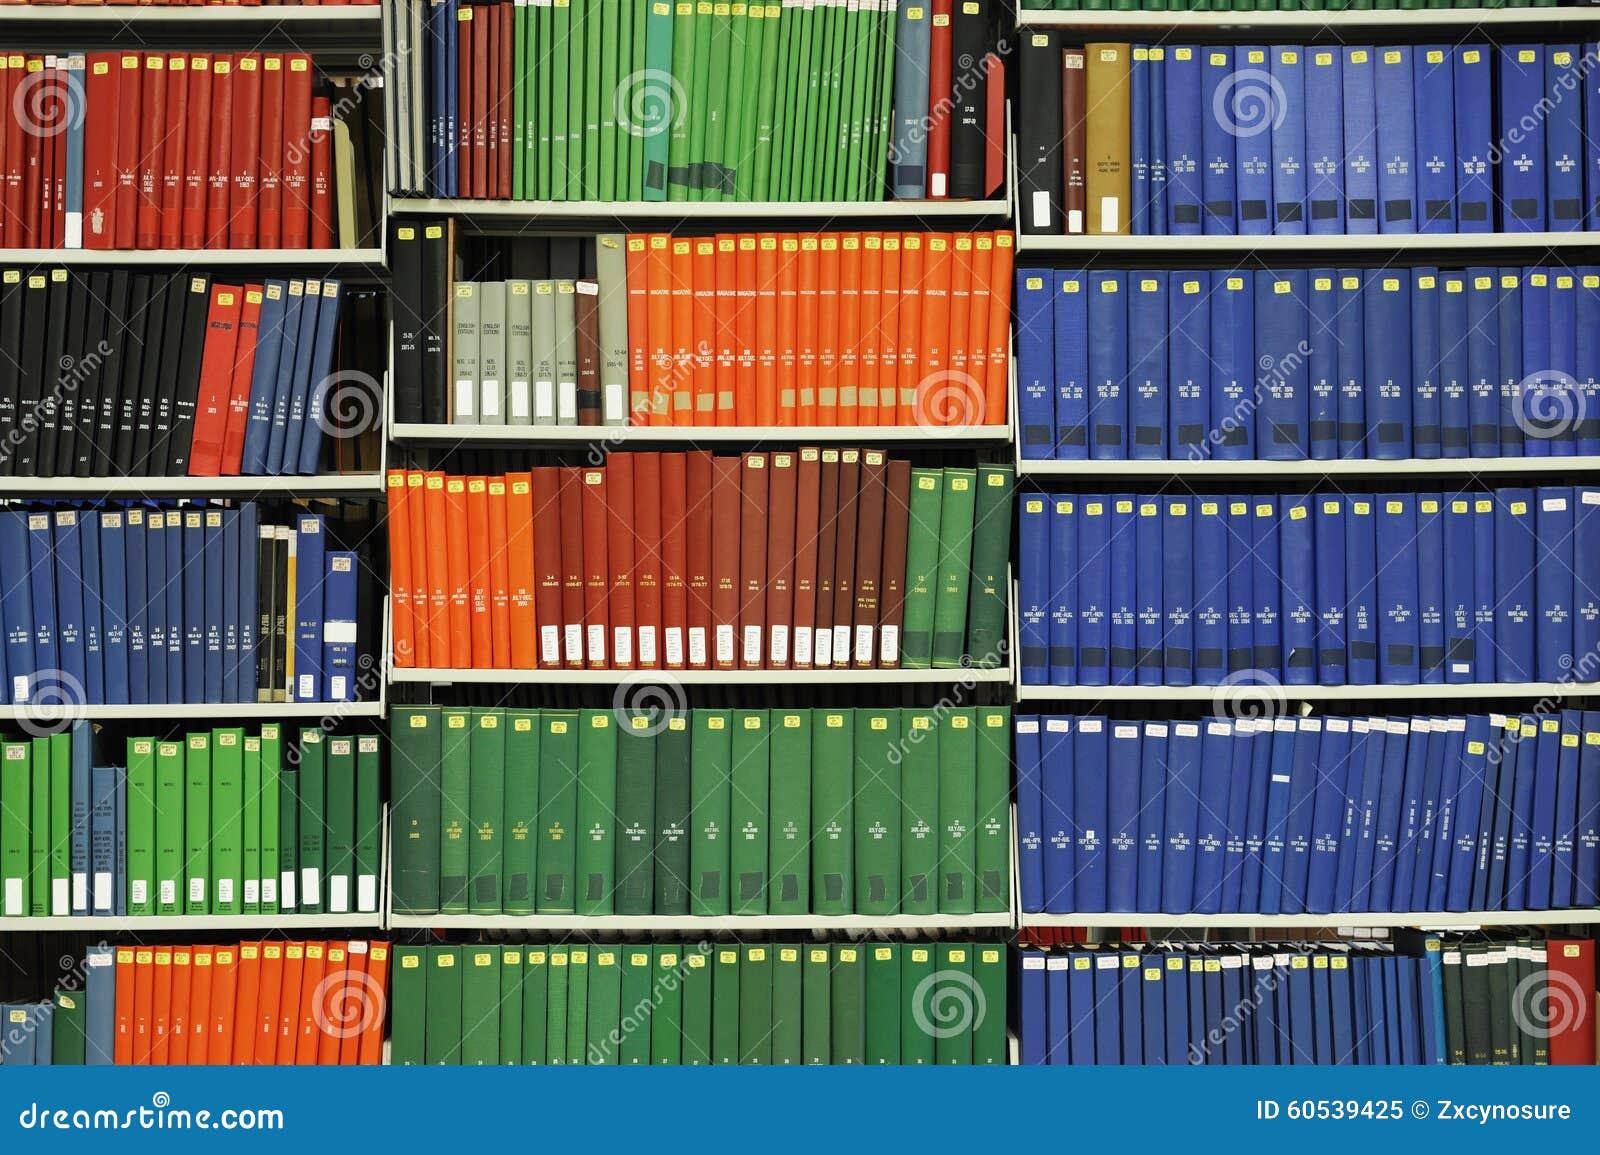 Books On Library Bookshelf Stock Image Image Of Bookcase 60539425